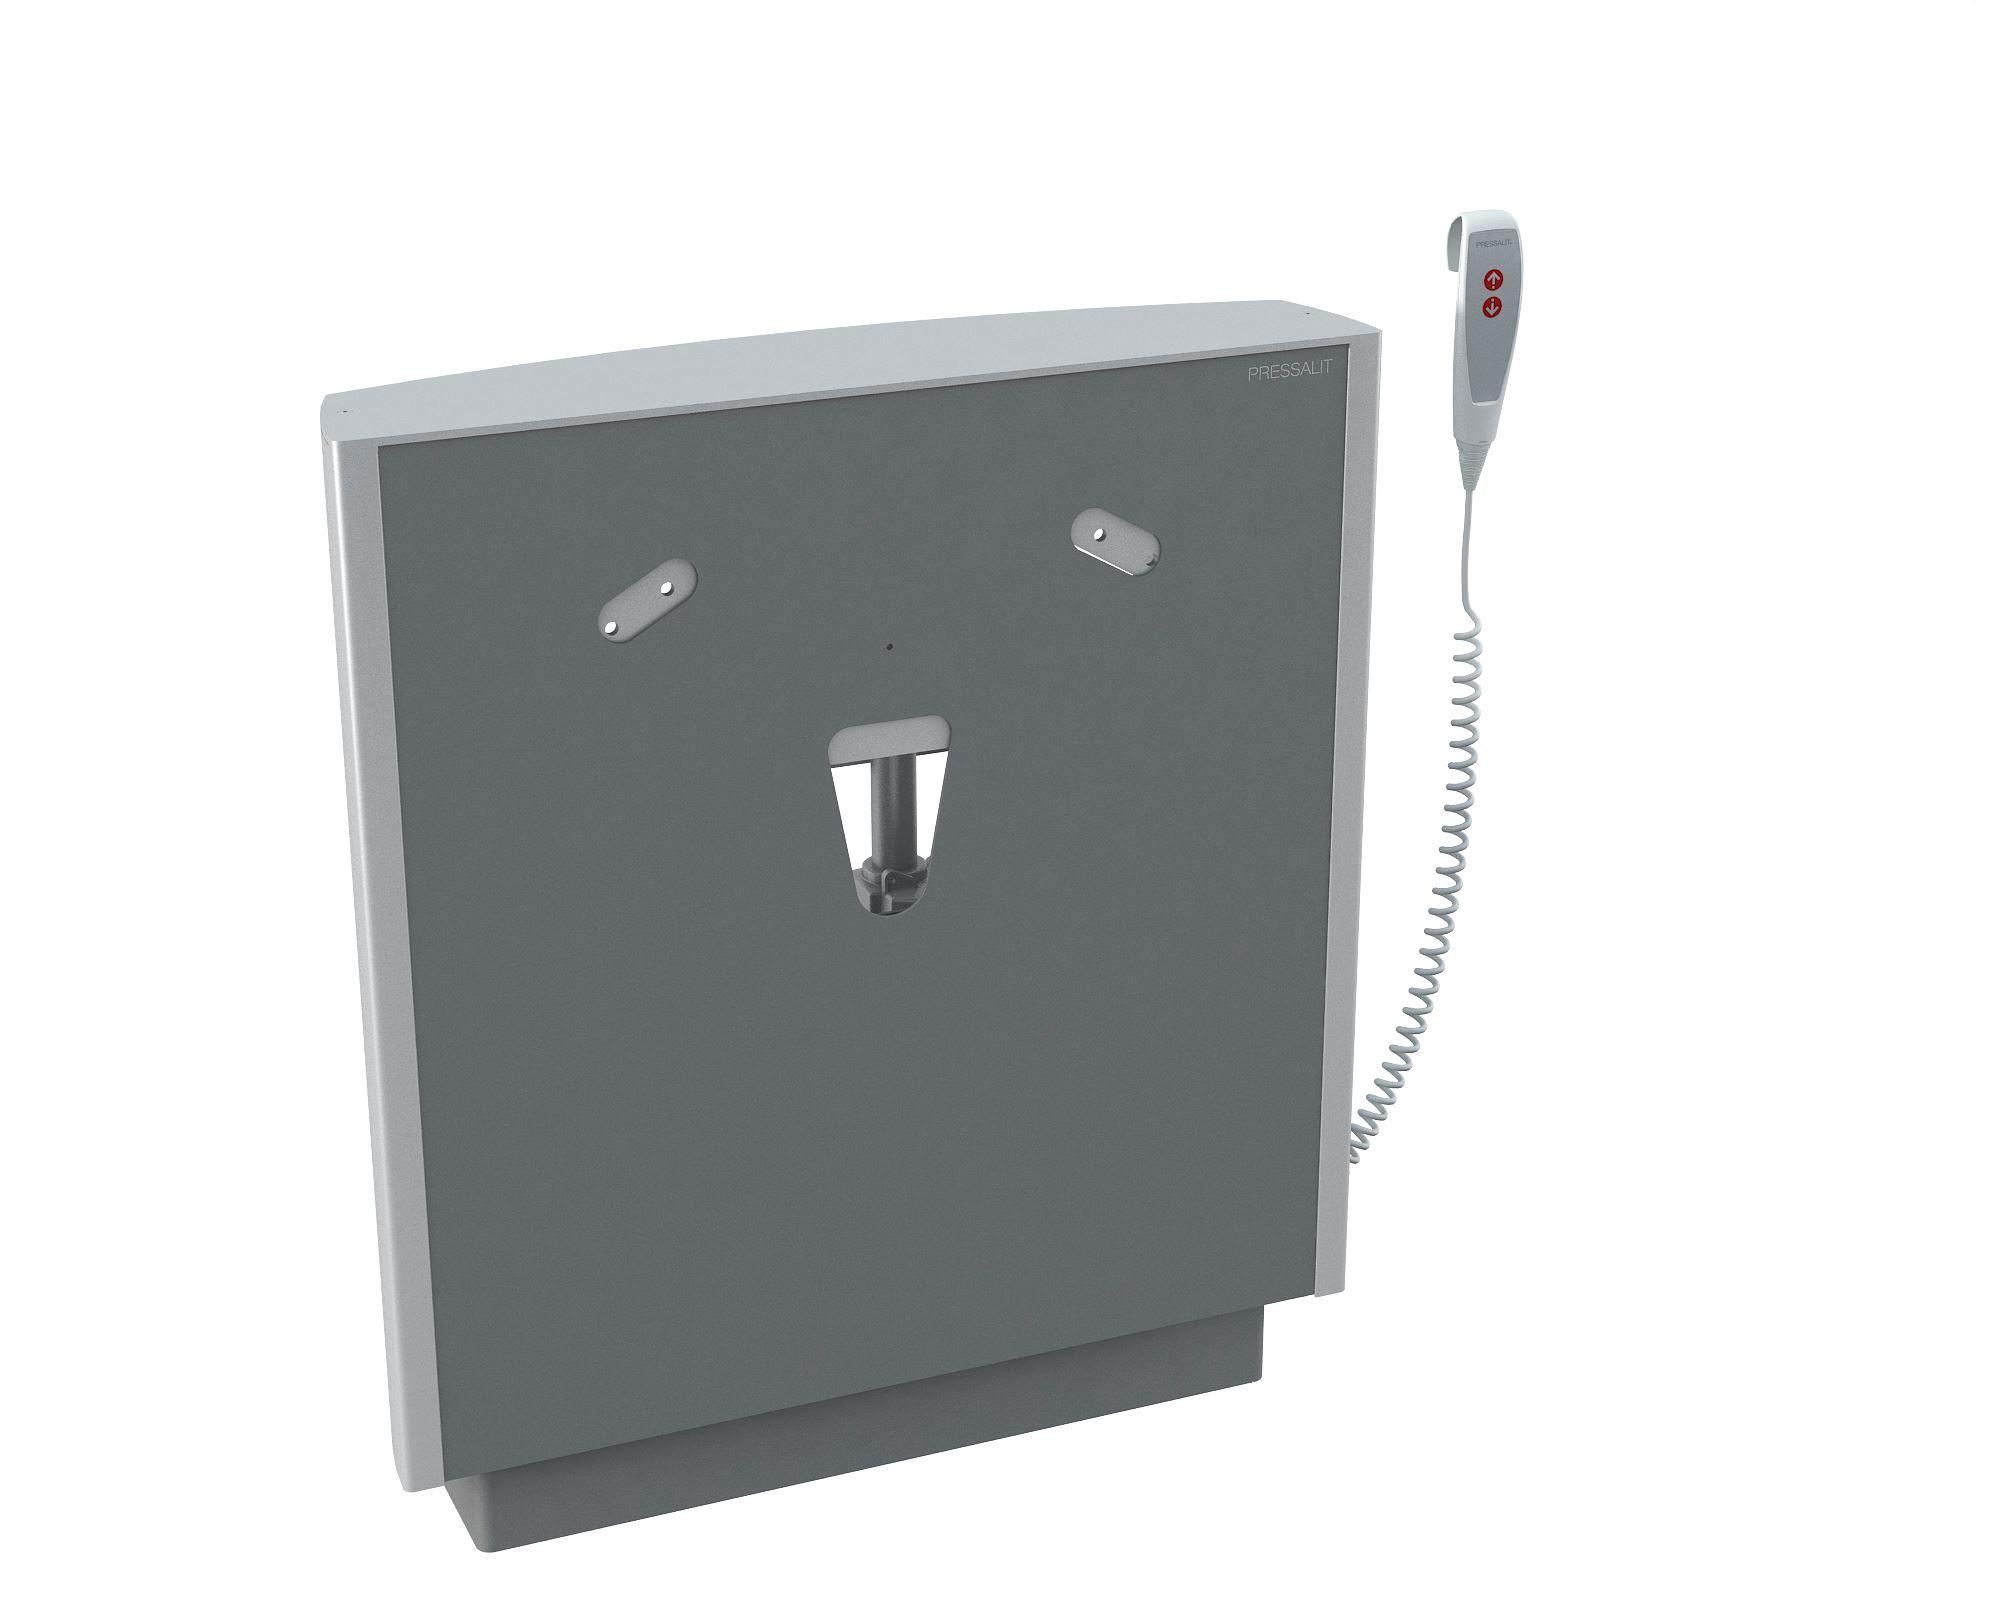 SELECT Waschtisch-Lifter, bodenstehend mit Wandbefestigung, elektrisch höhenverstellbar mit kabelgebundener Fernbedienung, inkl. Sicherheitsstopfunktion